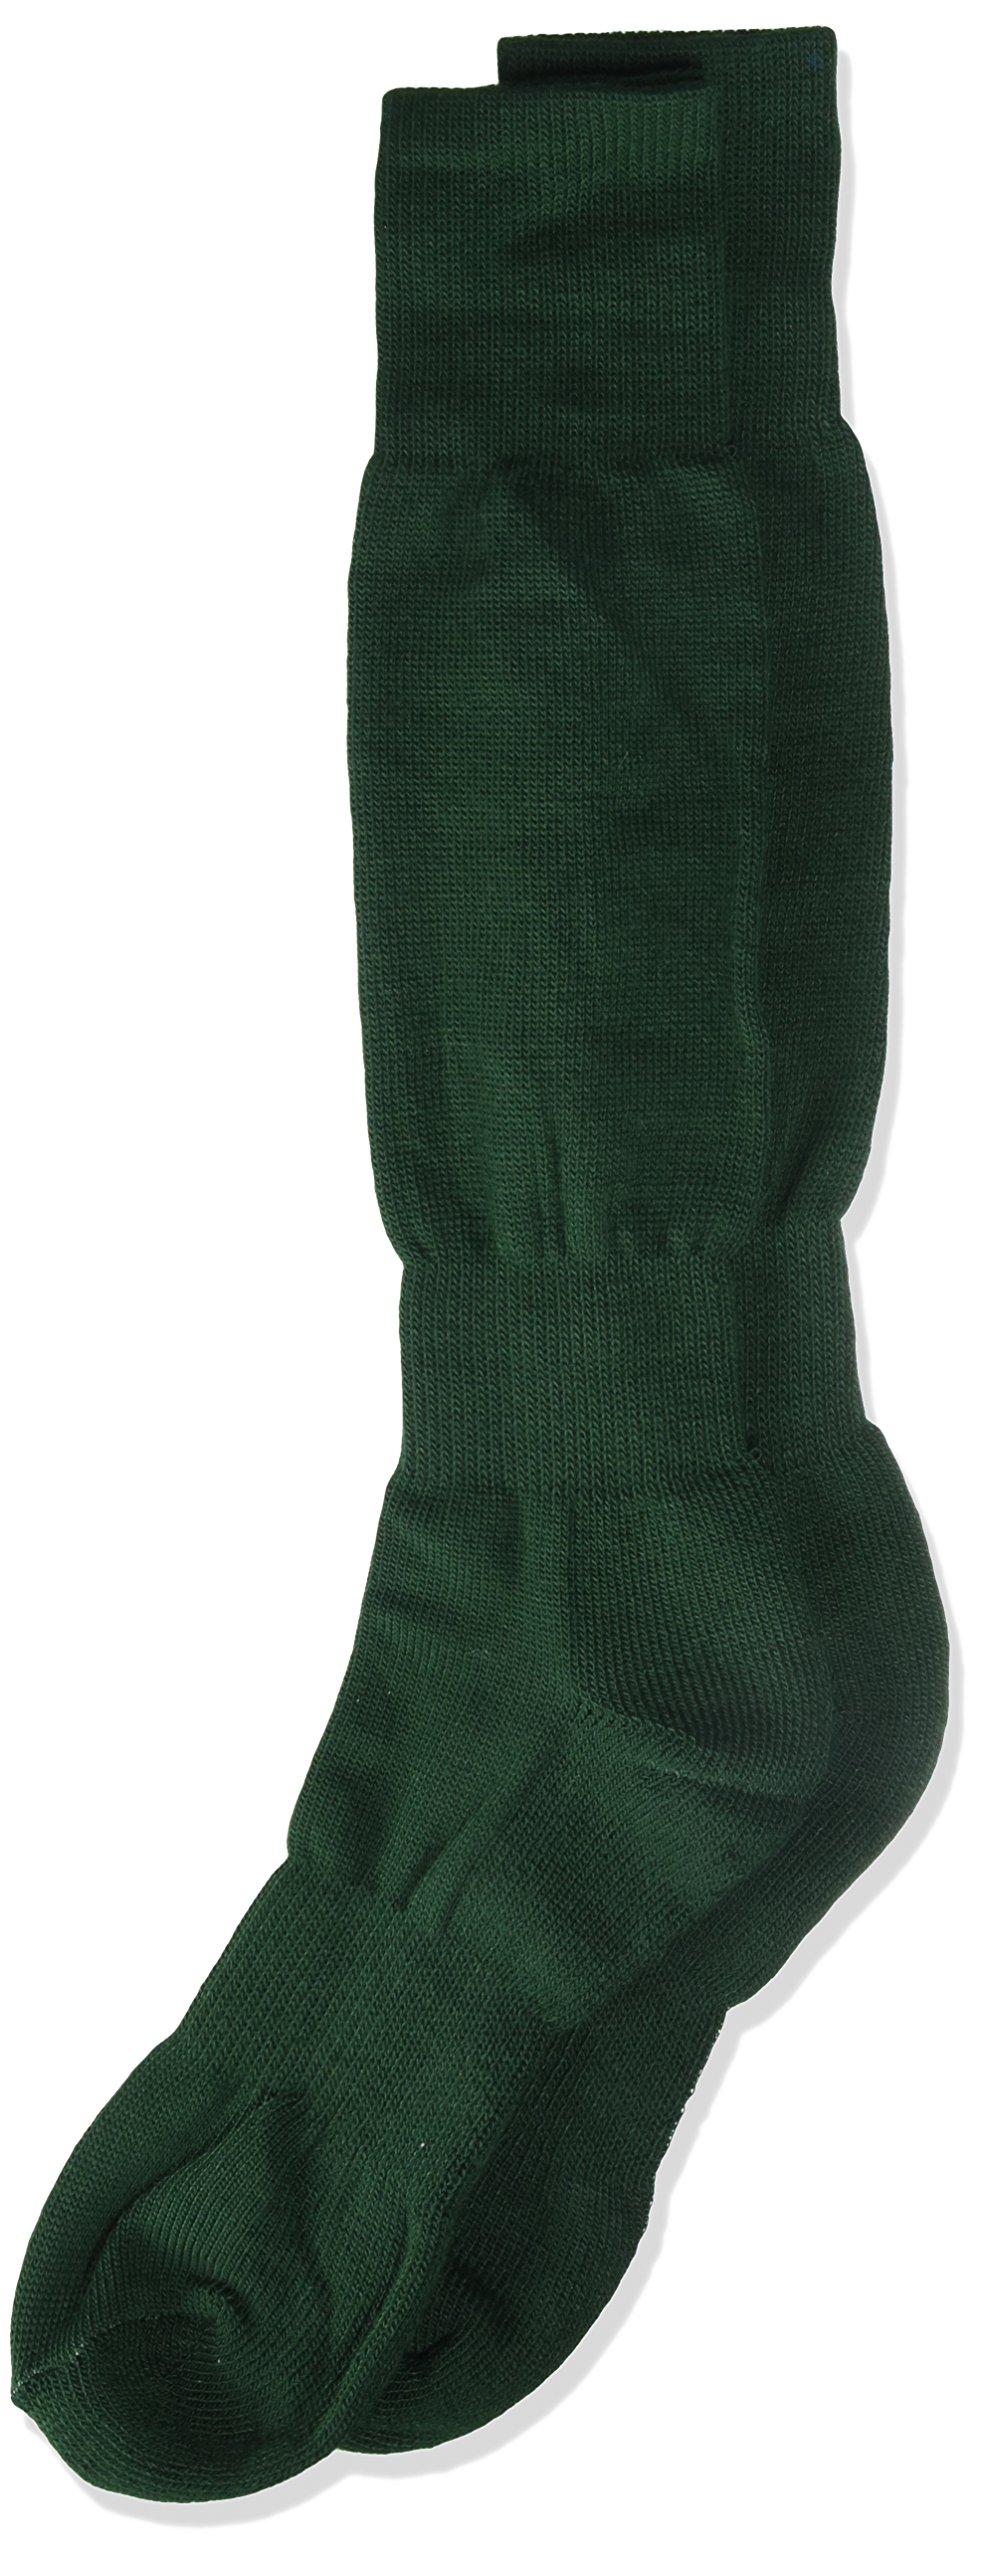 Junior H/T Baseball Socks, Dark Green, 6-8 1/2'' by TCK